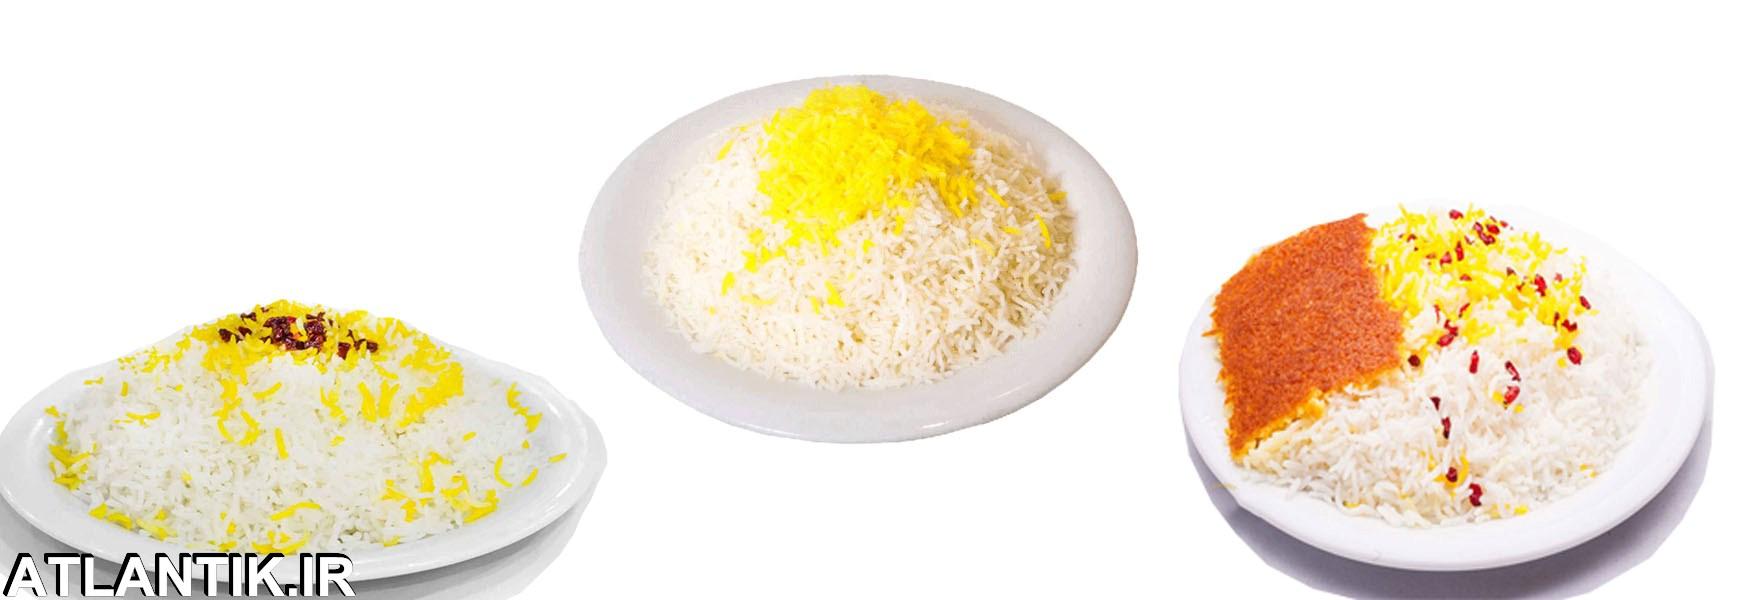 آشپزخانه آتلانتیک: انواع ترفندها و روش های پخت برنج